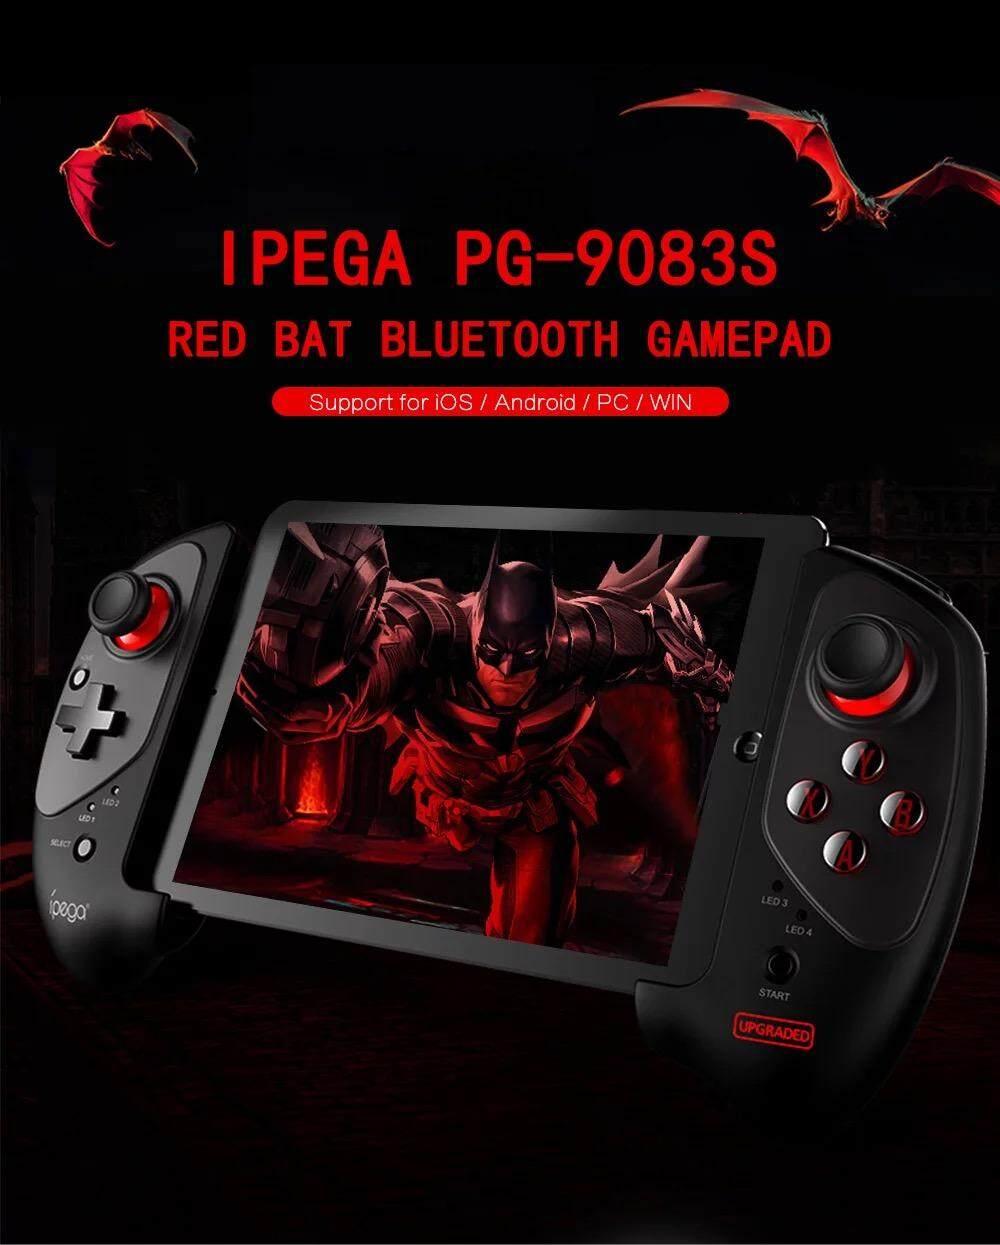 (PUBGได้ IOS, Andriod) IPEGA 9083S (Upgraded) จอยเกมส์มือถือ,  จอยบลูทูธไร้สาย สำหรับ Tablet มือถือ 5-10 นิ้ว  เกมส์คอนโทรลเลอร์บลูทูธไร้สาย รุ่นล่าสุด